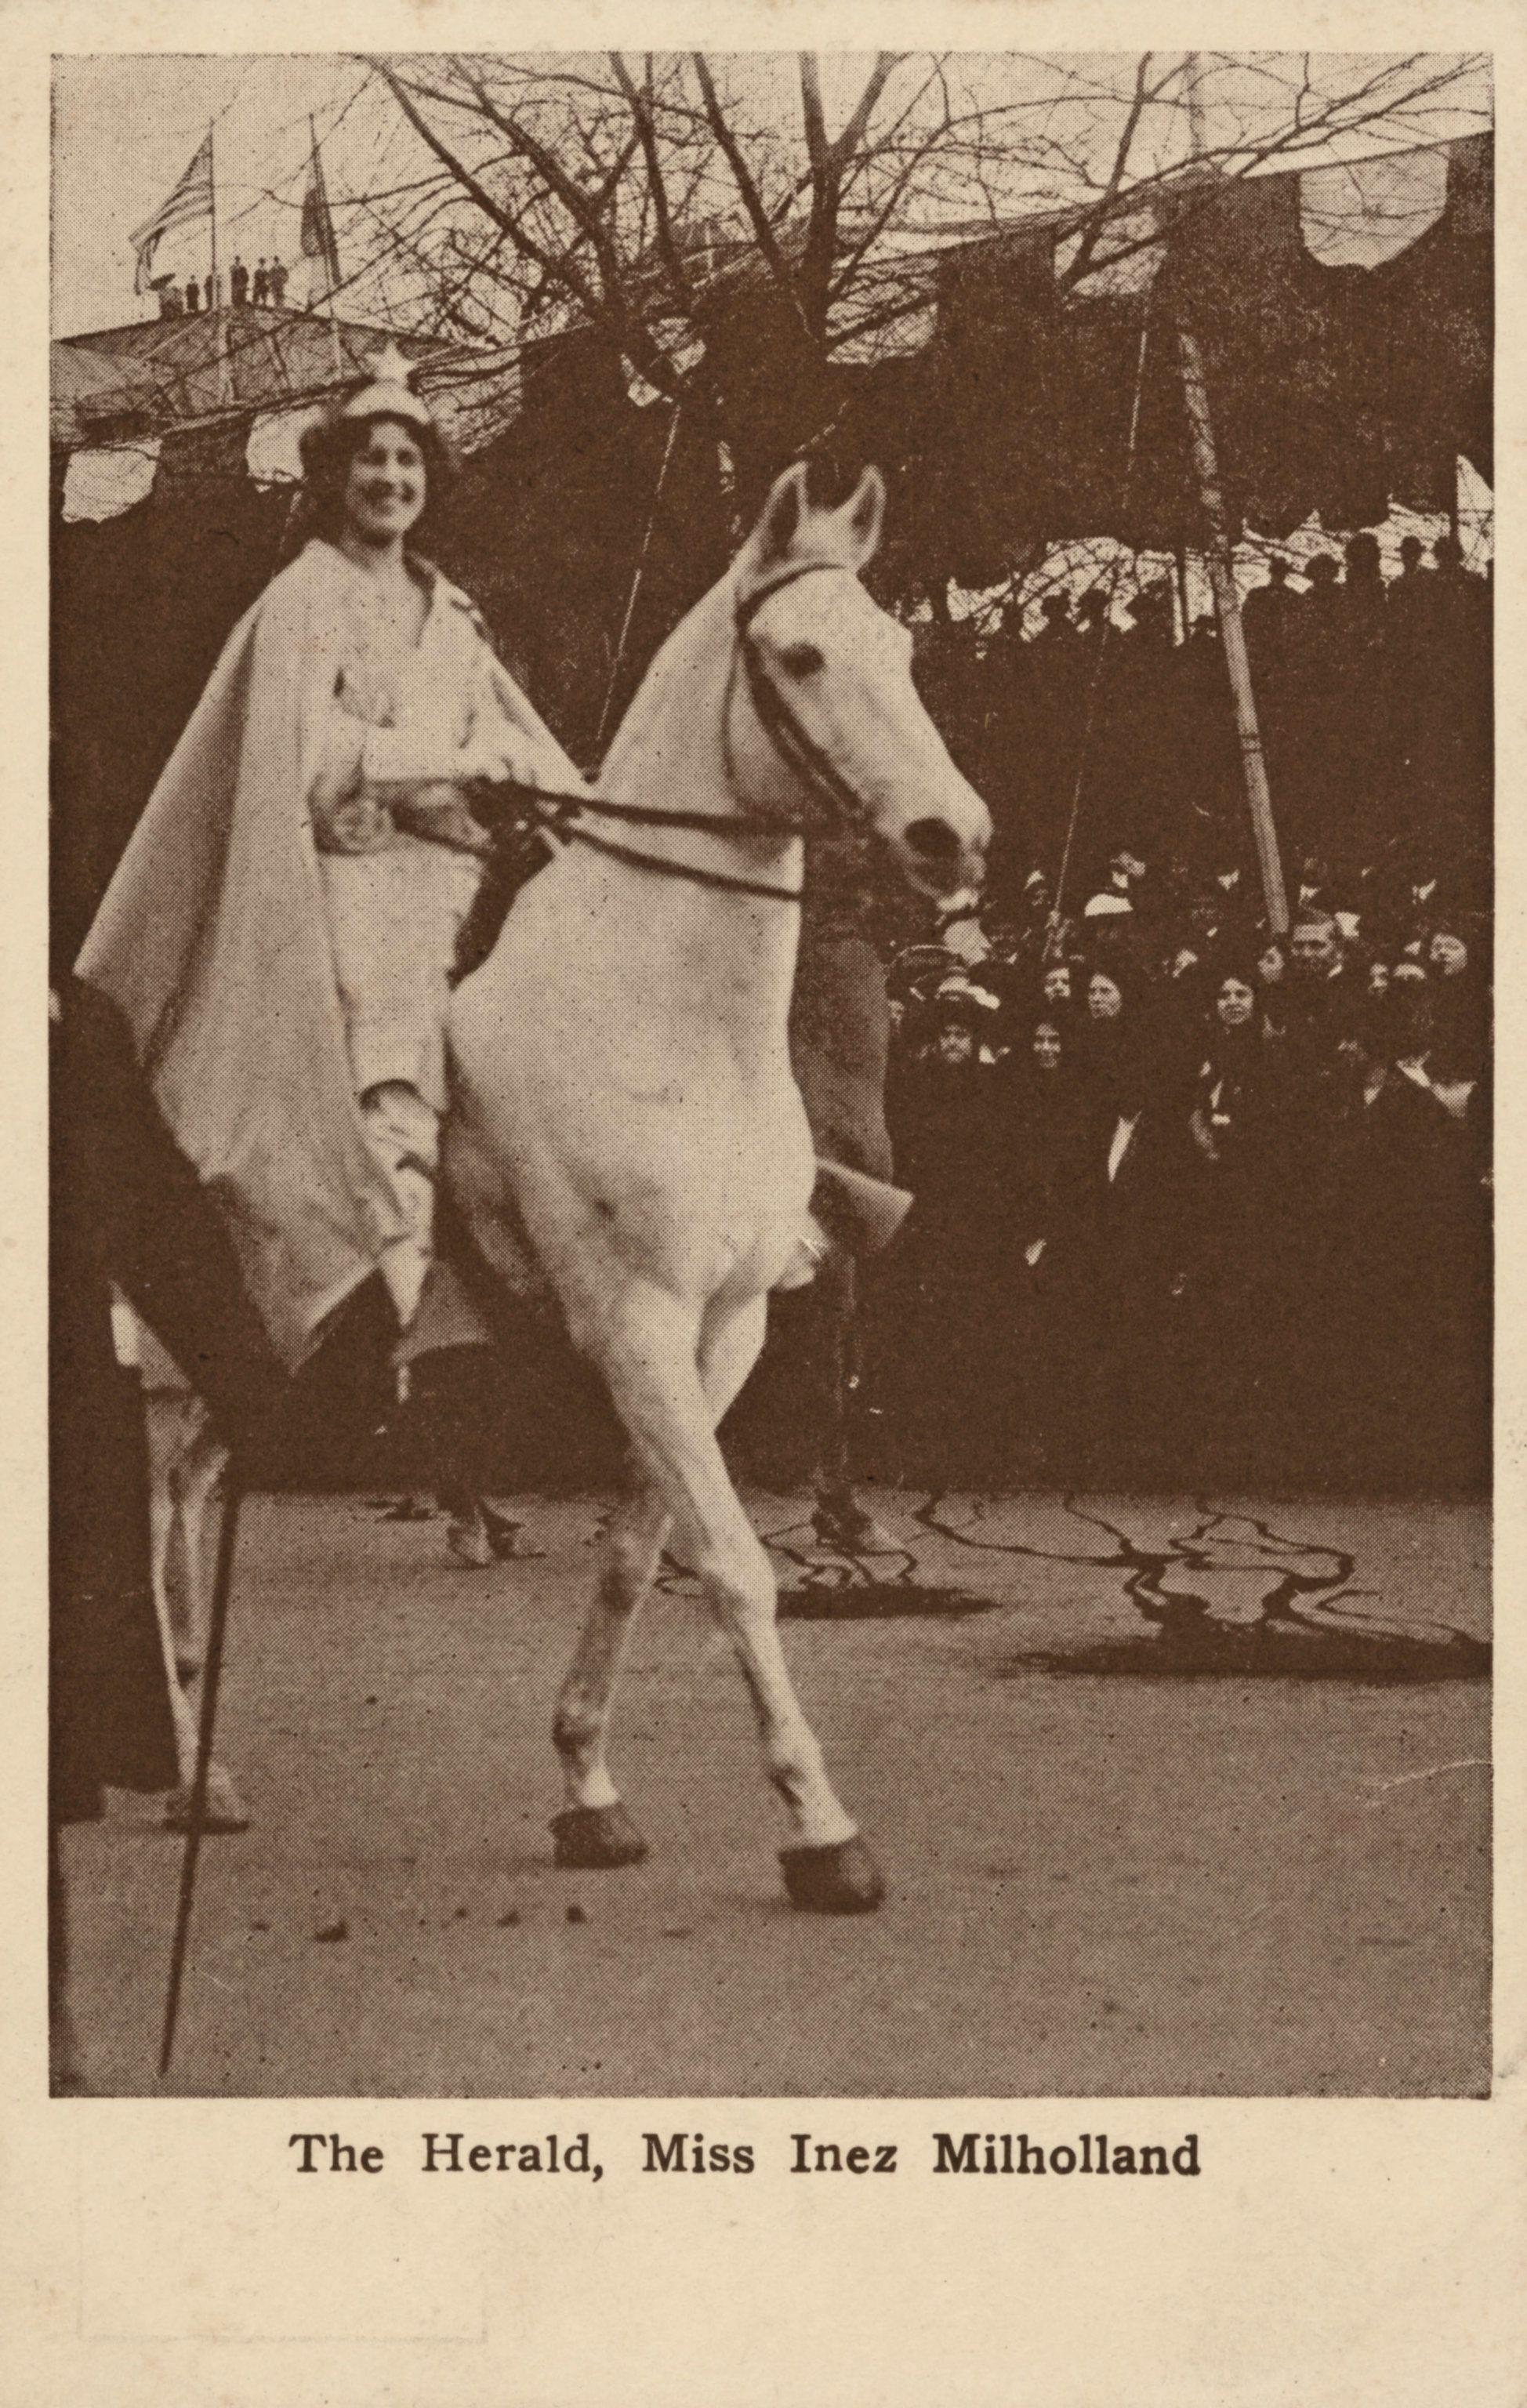 Inez Milholland At The Women S March In 1913 Women In History Suffragette Heroic Women [ 3072 x 1948 Pixel ]